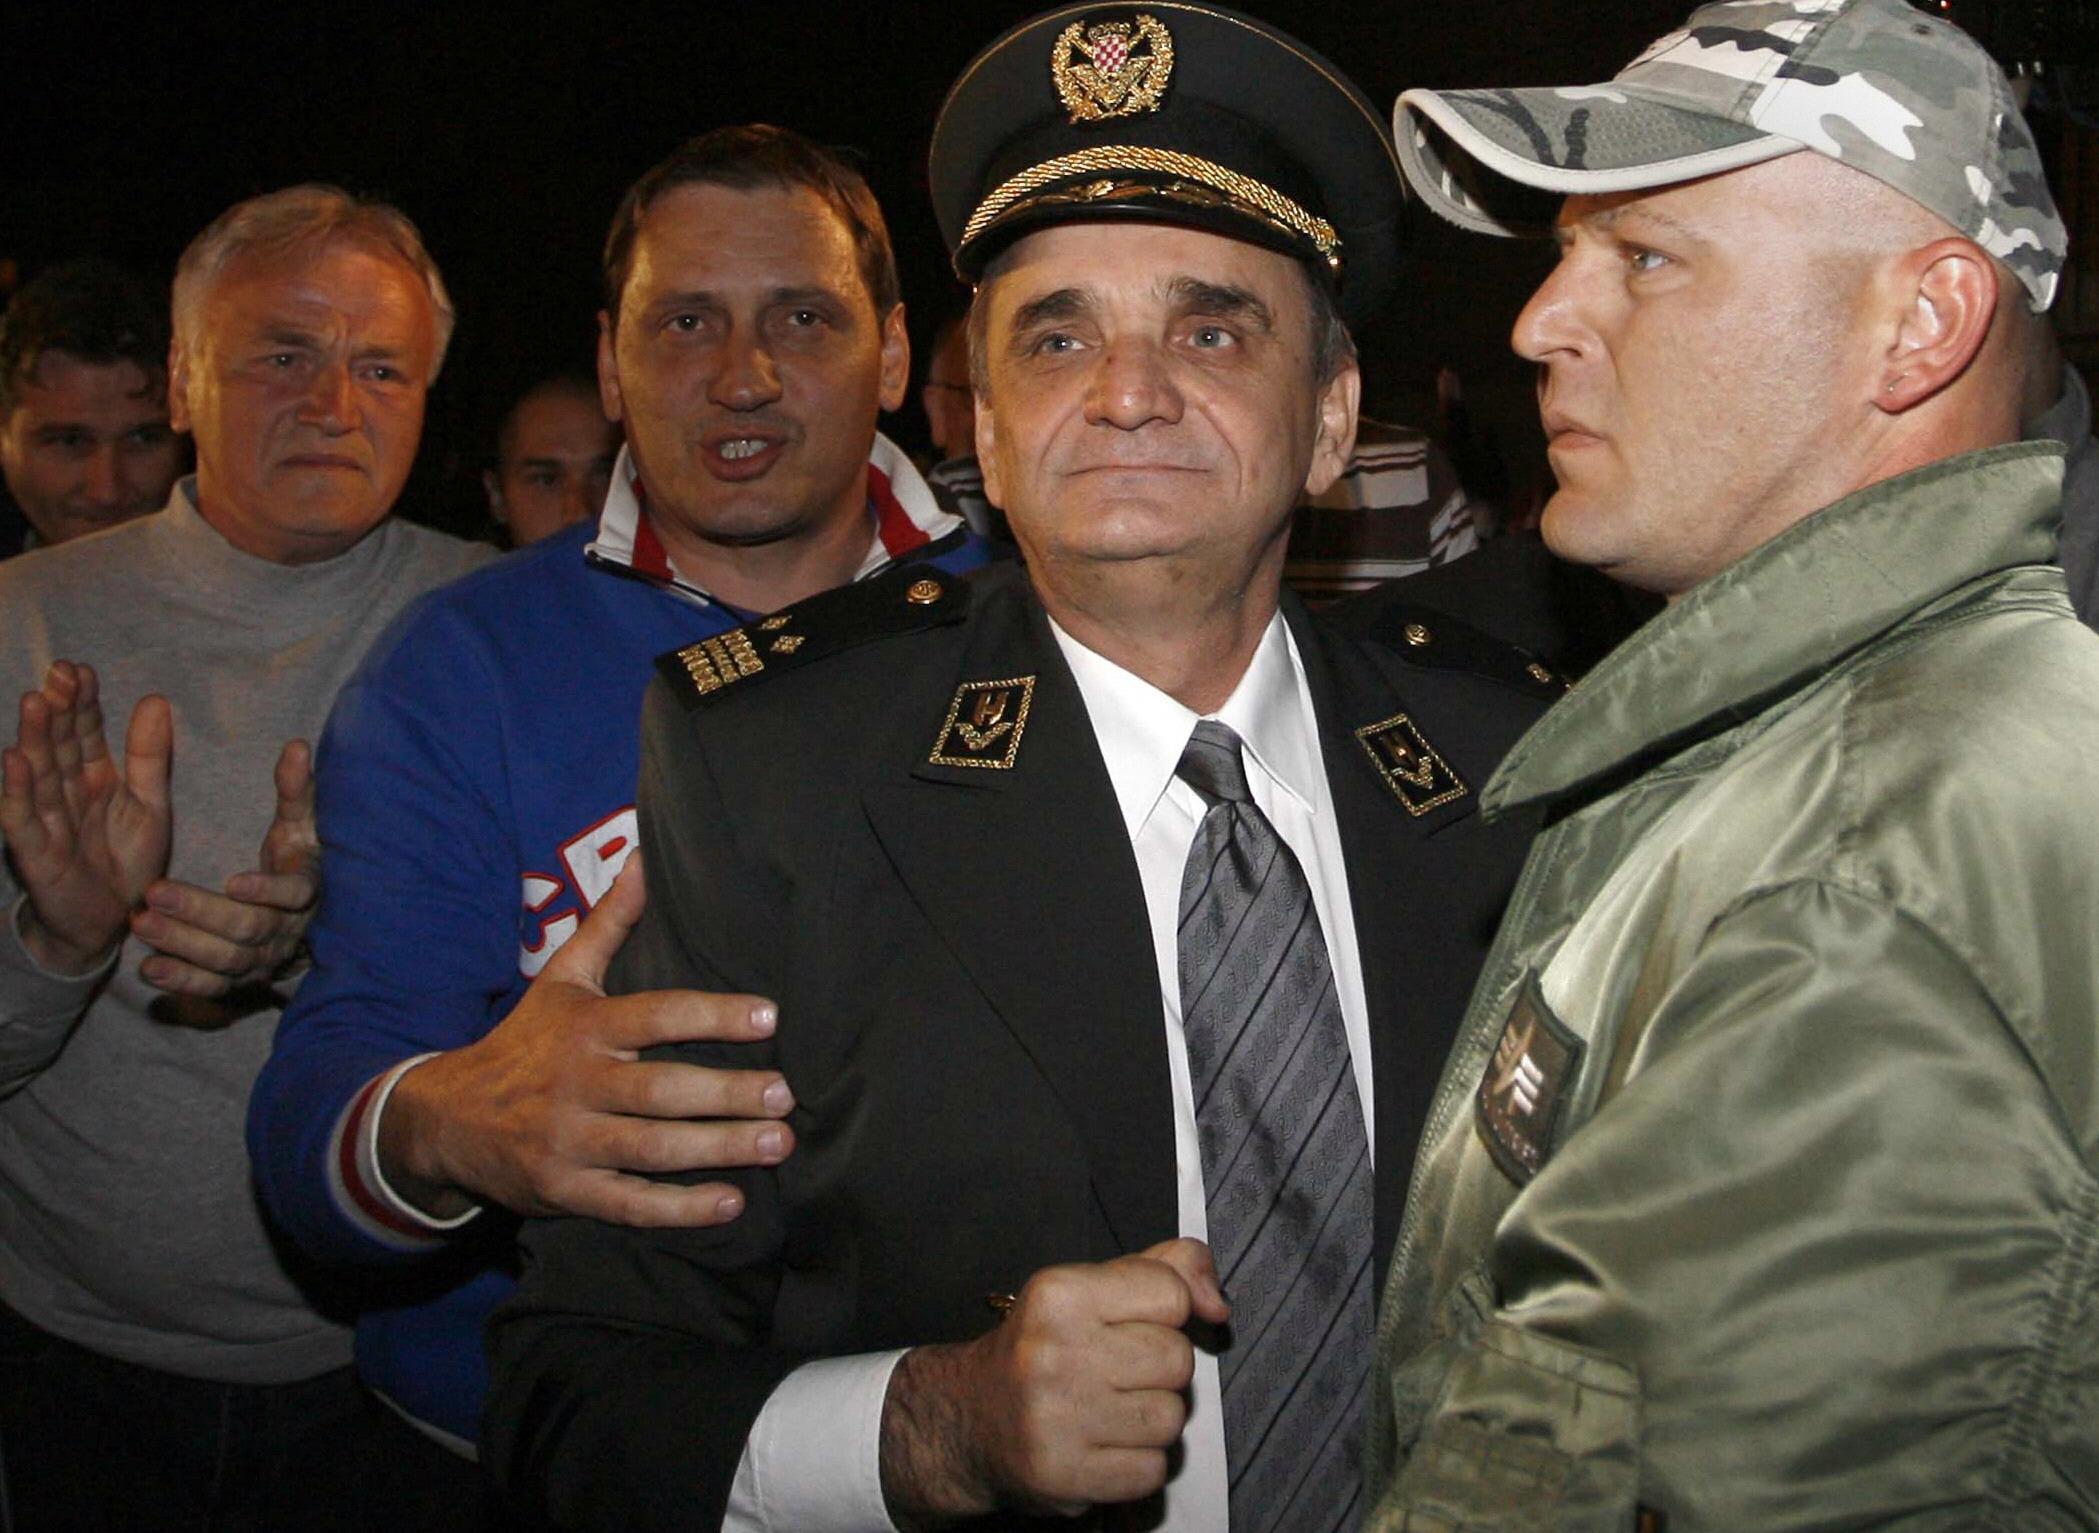 Elítélt háborús bűnös segíthette Mészáros Lőrinc horvátországi fociklubvásárlását